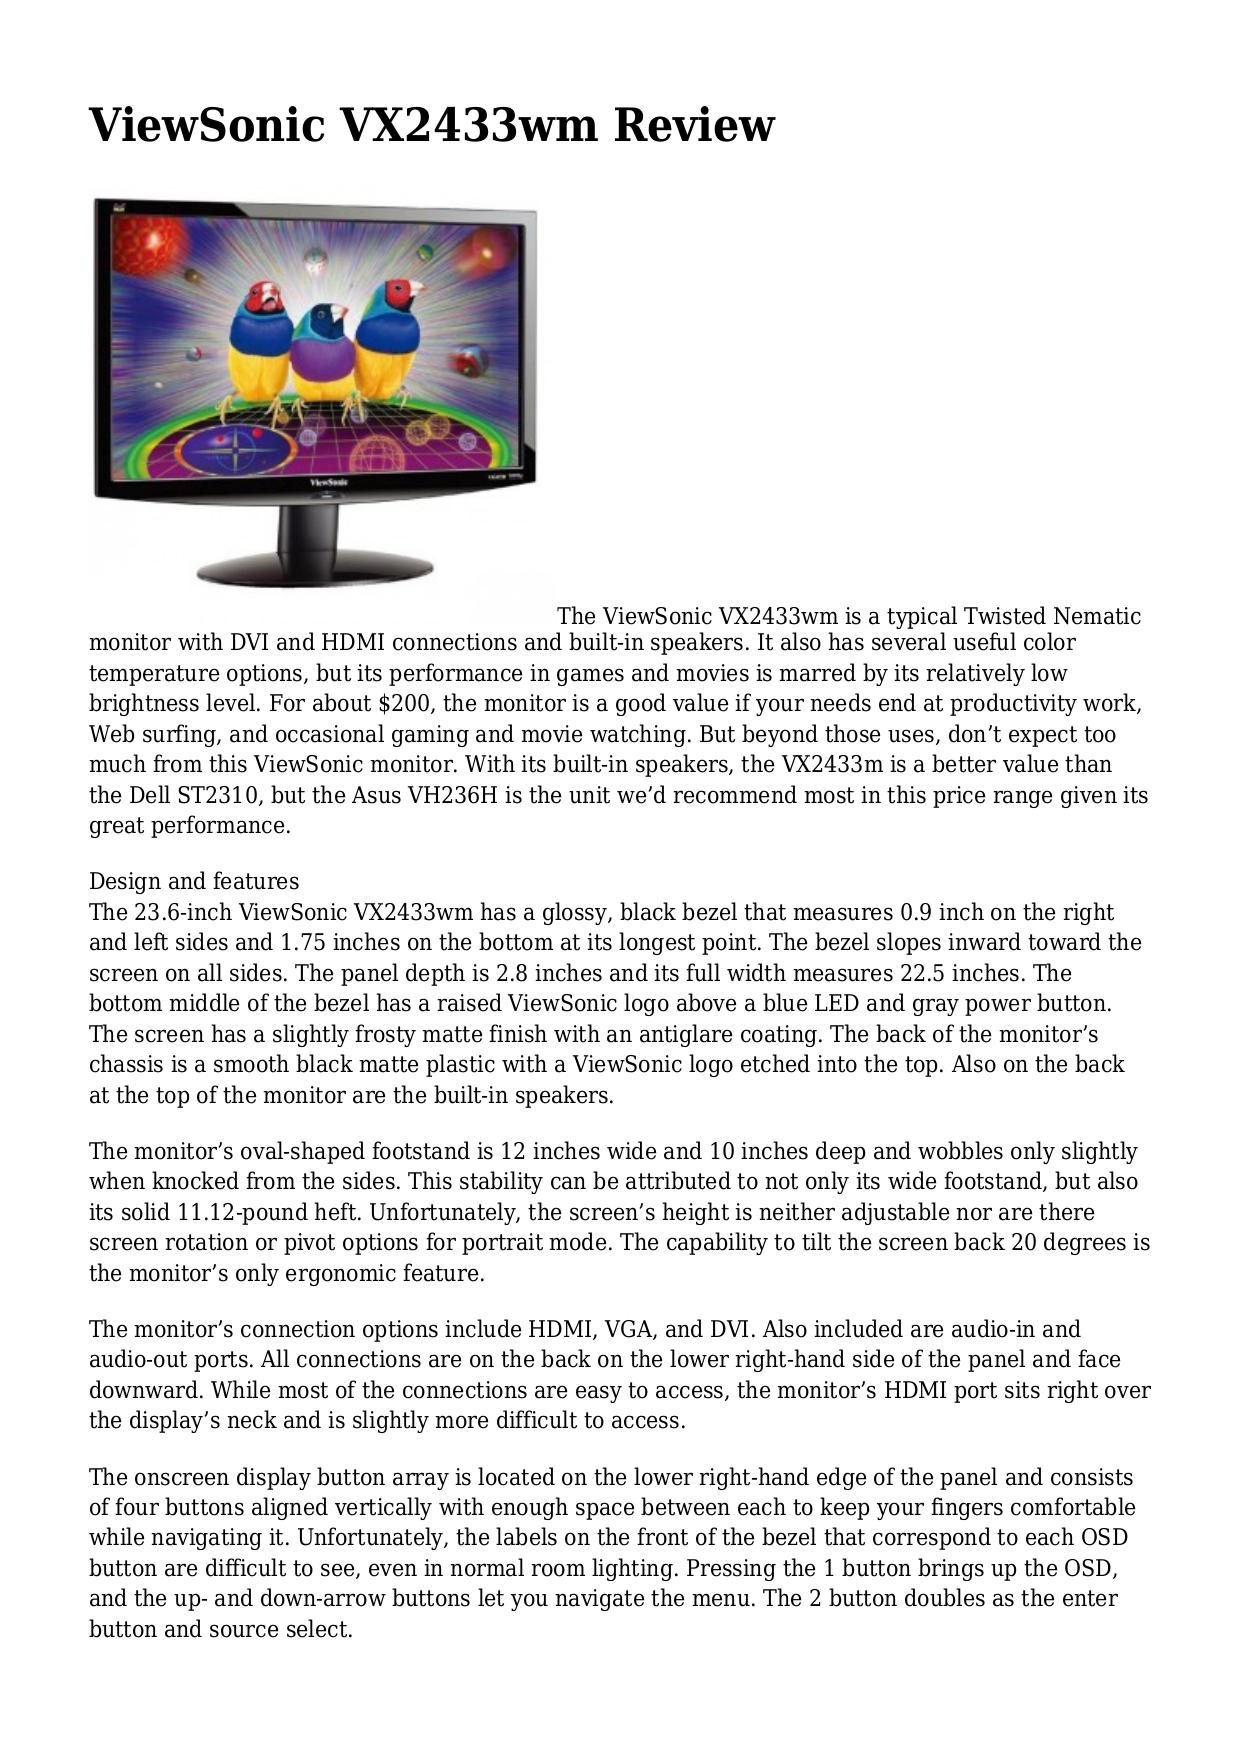 download free pdf for viewsonic vx2433wm monitor manual rh umlib com viewsonic vx2433wm manual 2009 viewsonic vx2433wm manual 2009